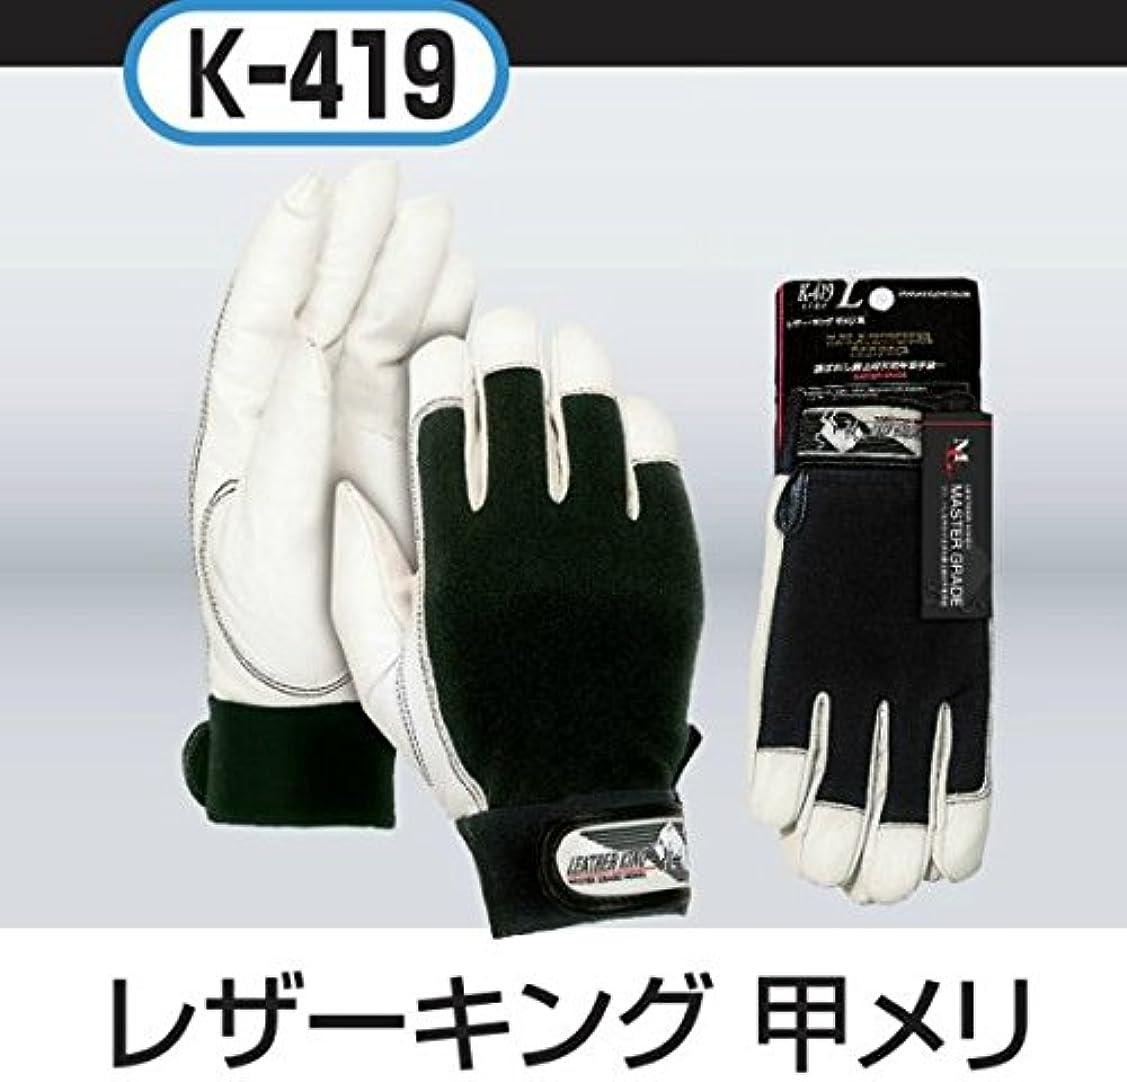 顕現貫入胃レザーキング 甲メリ 5双 【K-419(K419)】 '2048 (M)